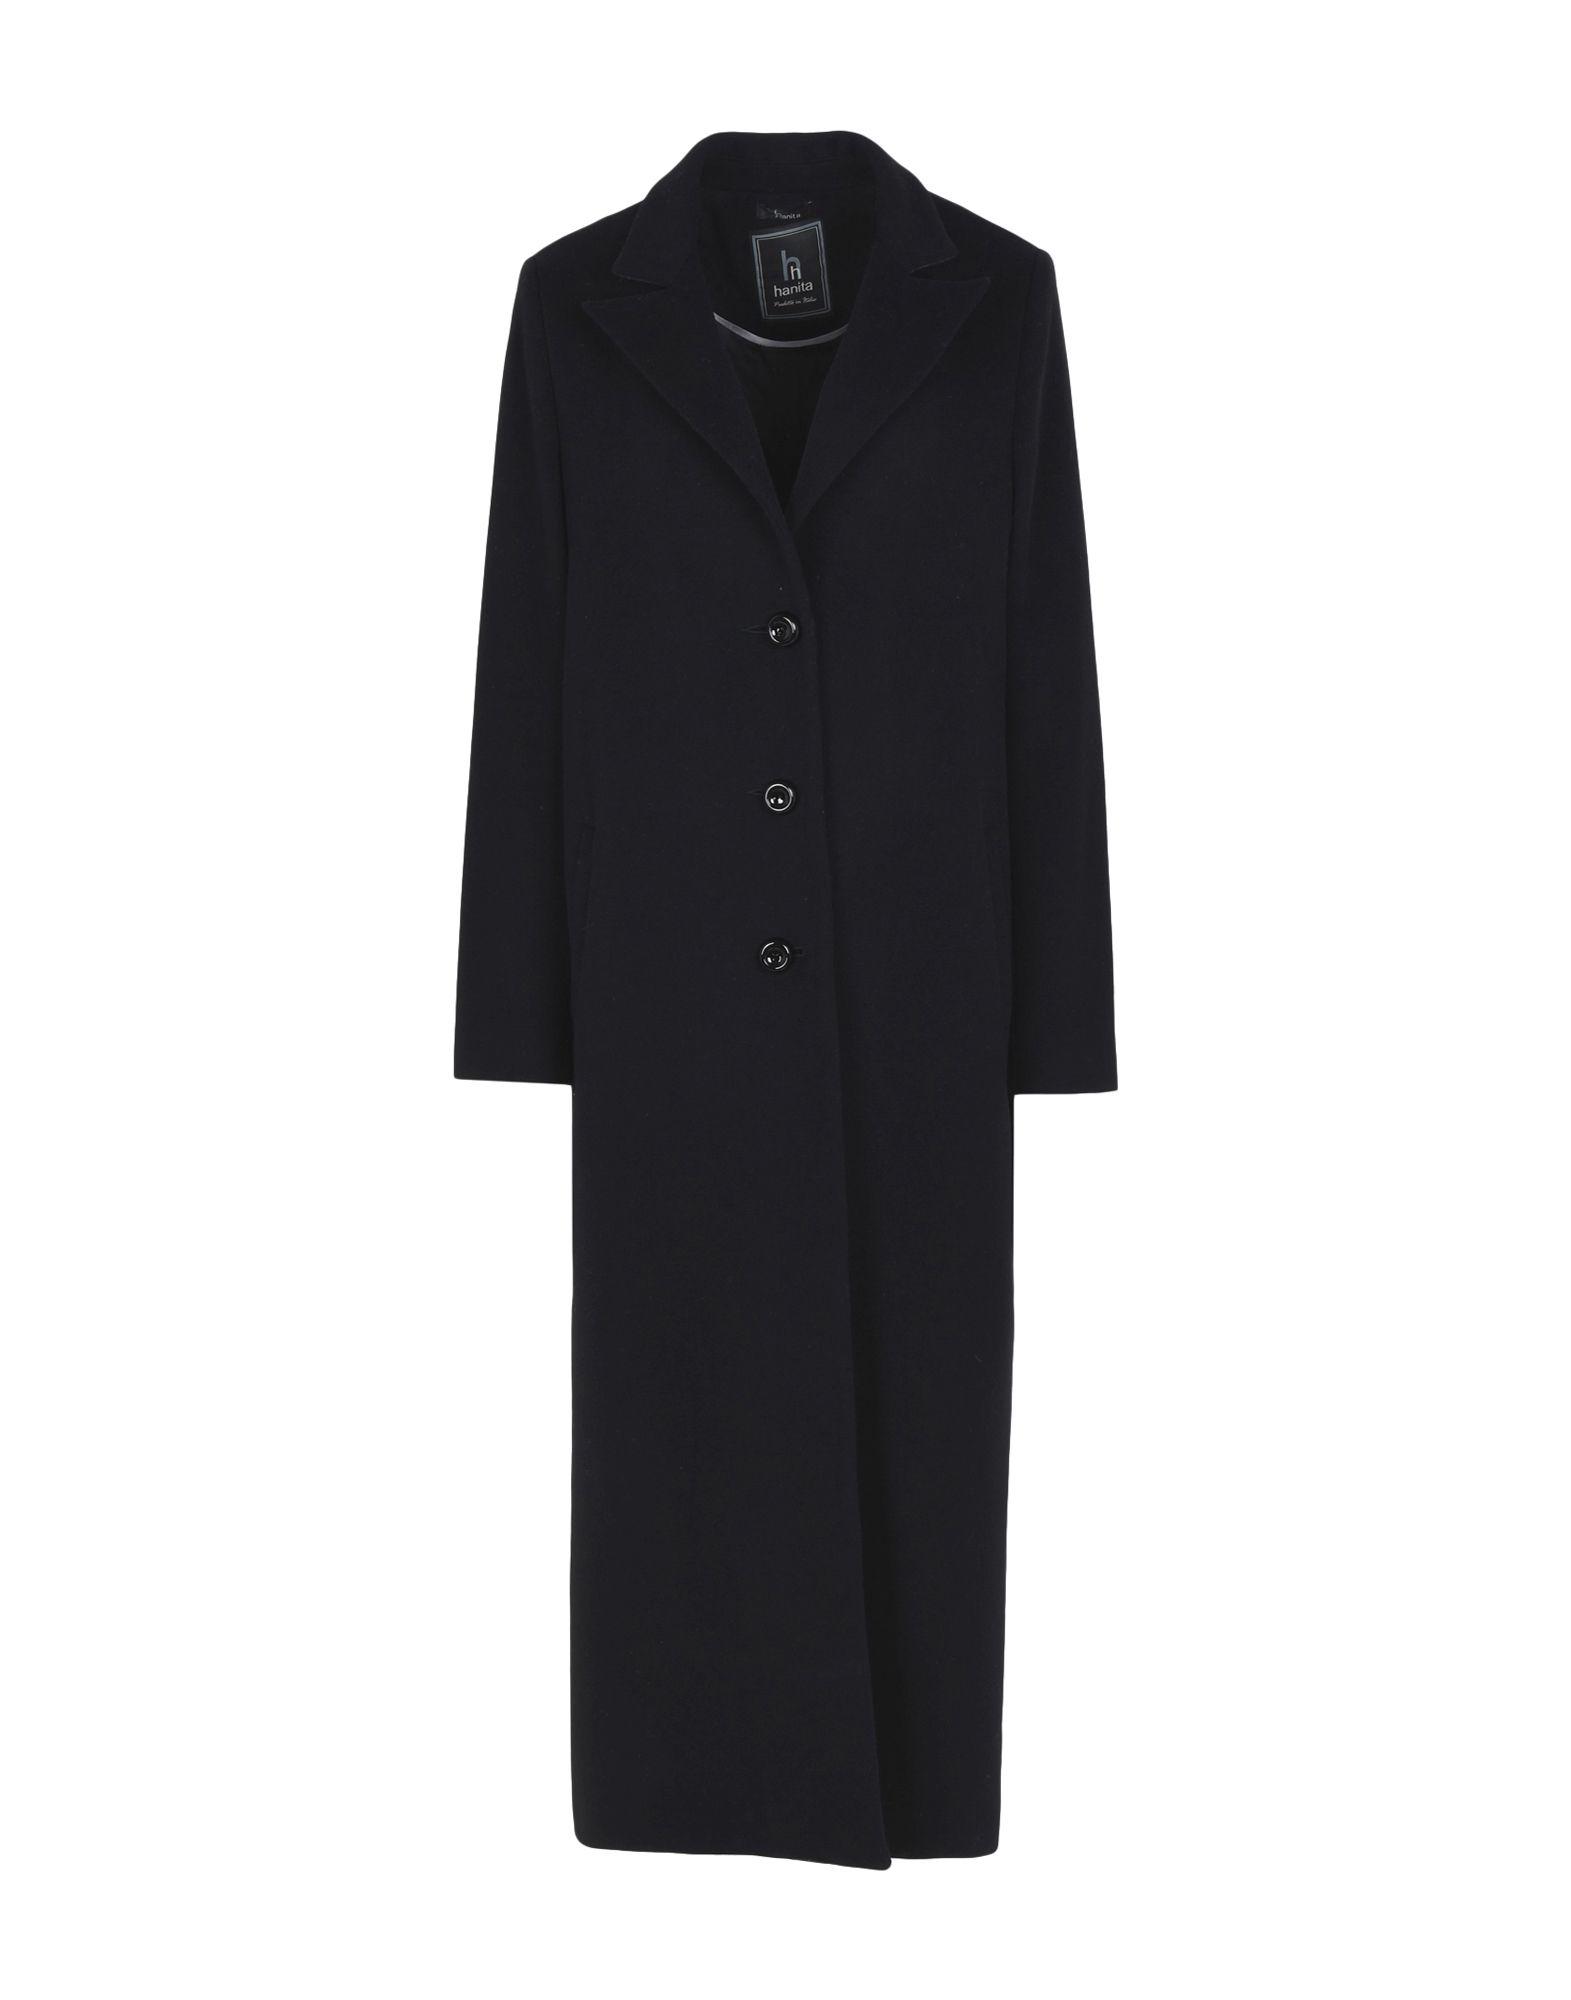 HANITA Damen Mantel Farbe Schwarz Größe 6